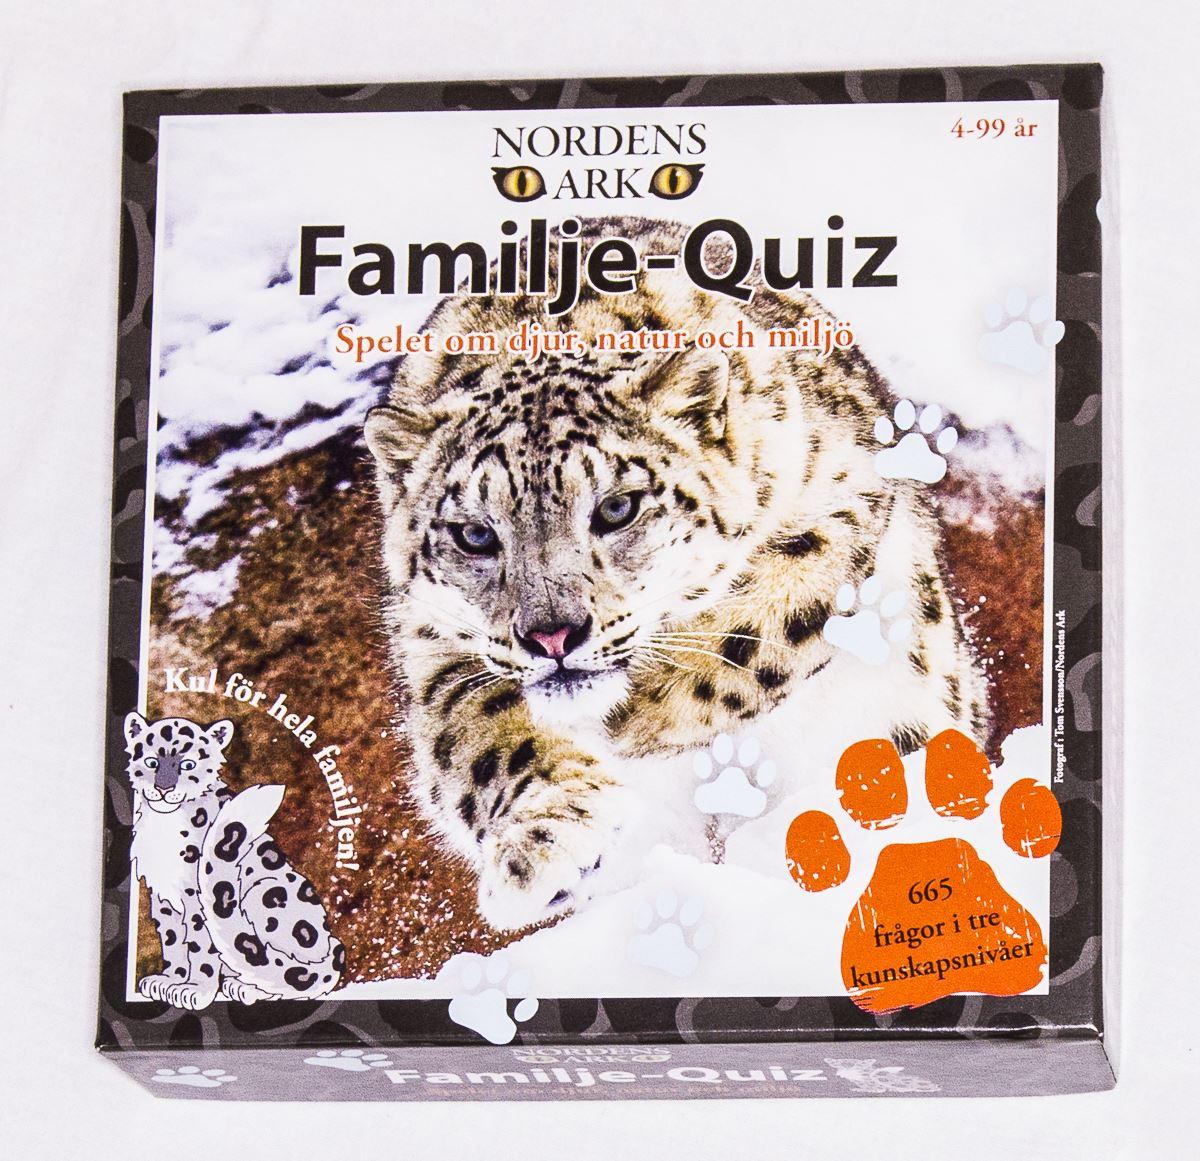 Nordens Arks Familje-Quiz